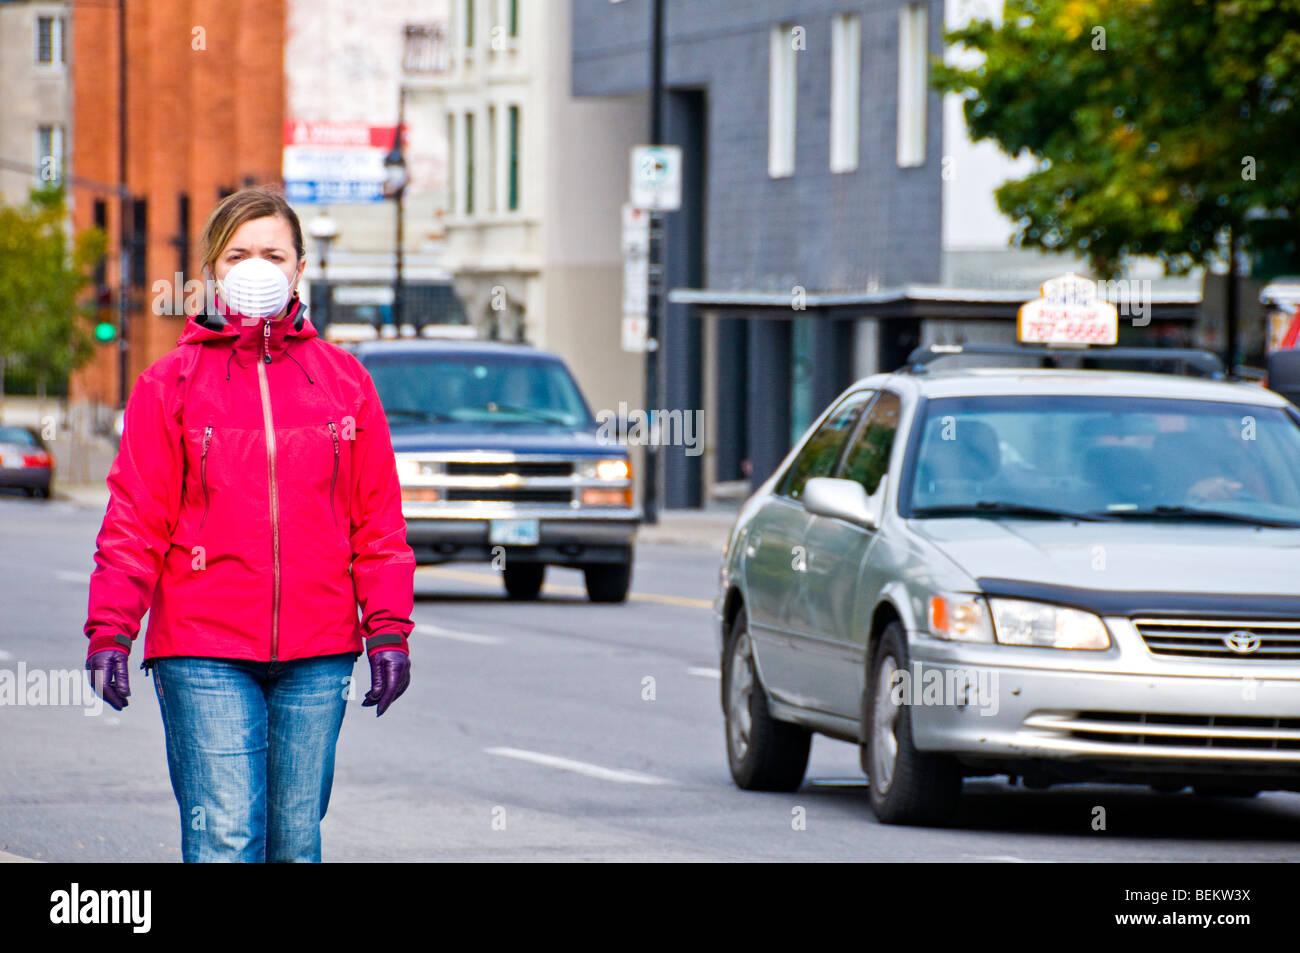 Woman wearing mask Walking on street - Stock Image